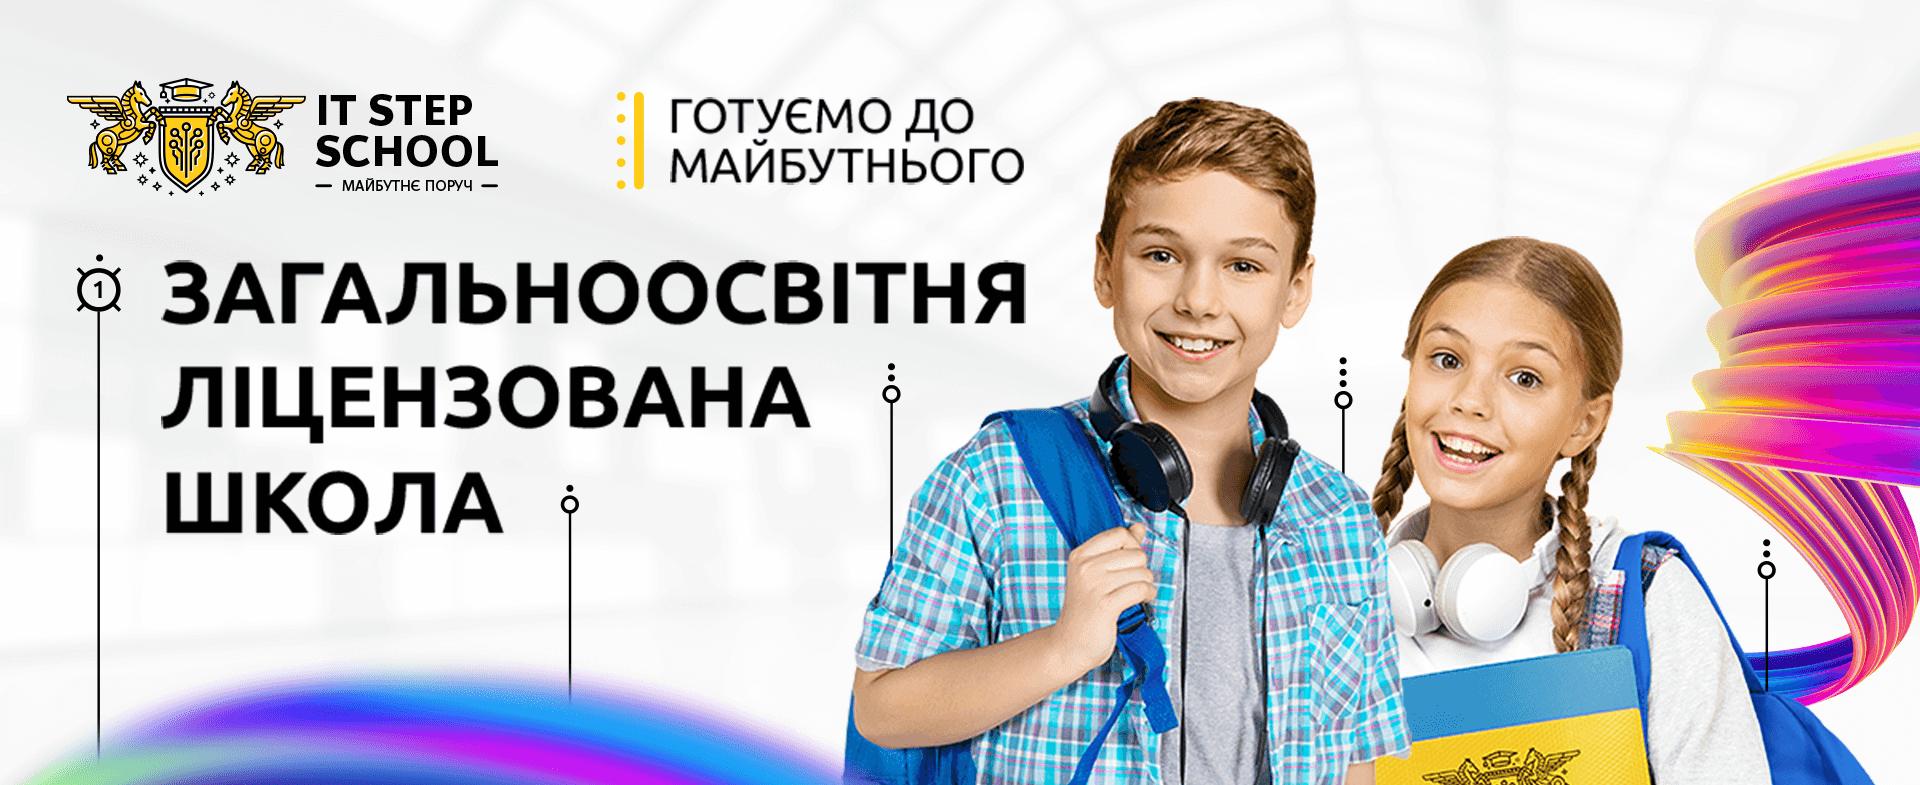 В Івано-Франківську відкрито школу майбутнього